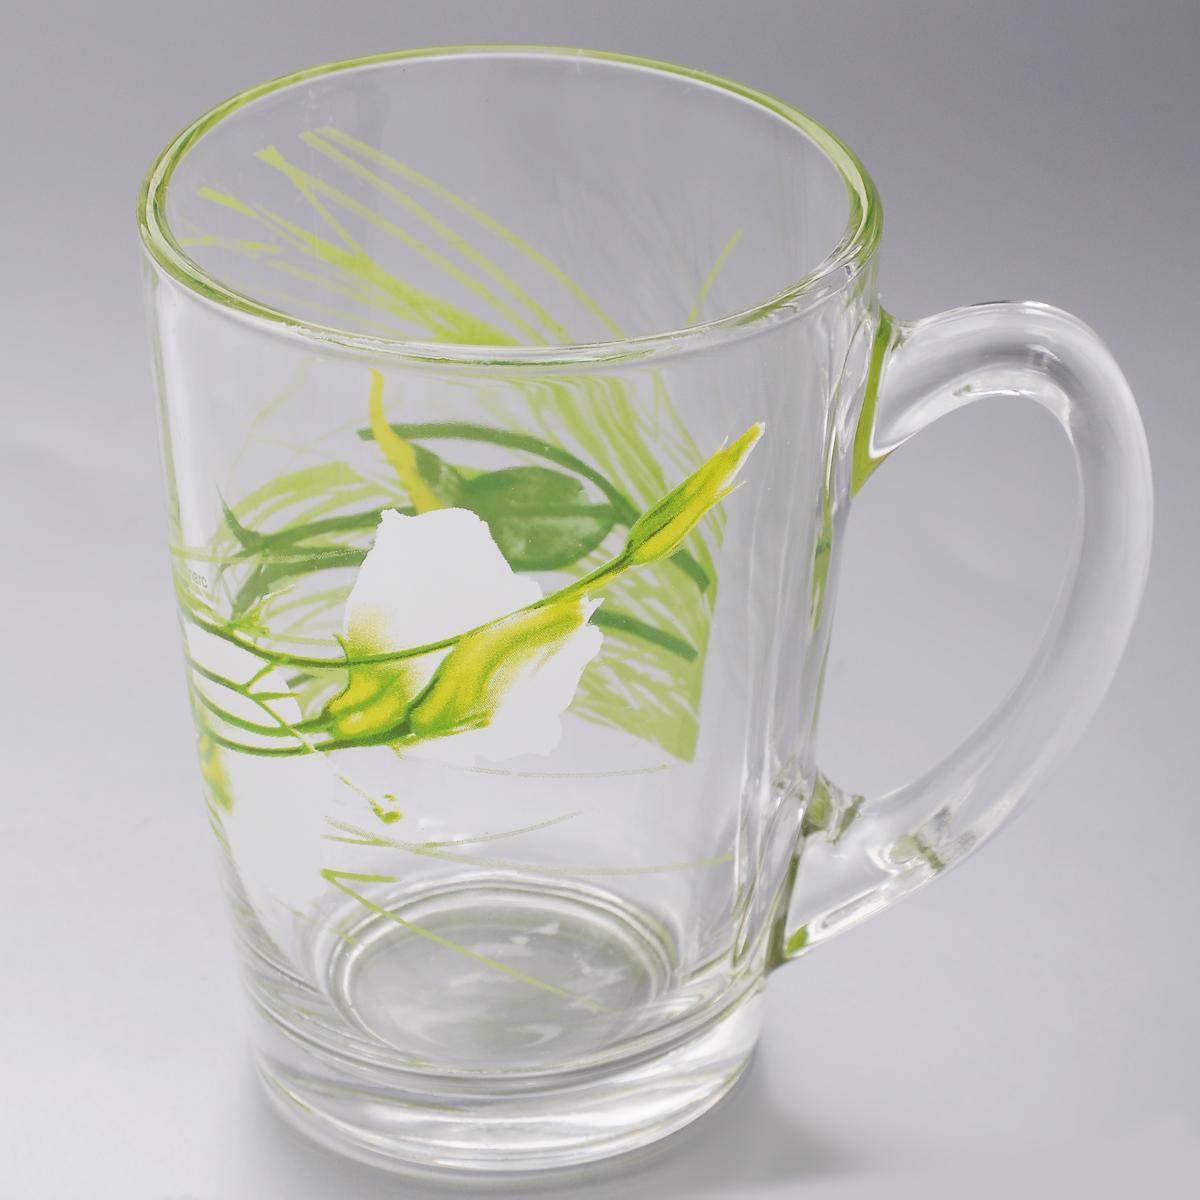 Кружка Luminarc Sofiane Green, 320 млJ7909Кружка Luminarc Sofiane Green изготовлена из упрочненного стекла. Такая кружка прекрасно подойдет для горячих и холодных напитков. Она дополнит коллекцию вашей кухонной посуды и будет служить долгие годы. Диаметр кружки (по верхнему краю): 8 см.